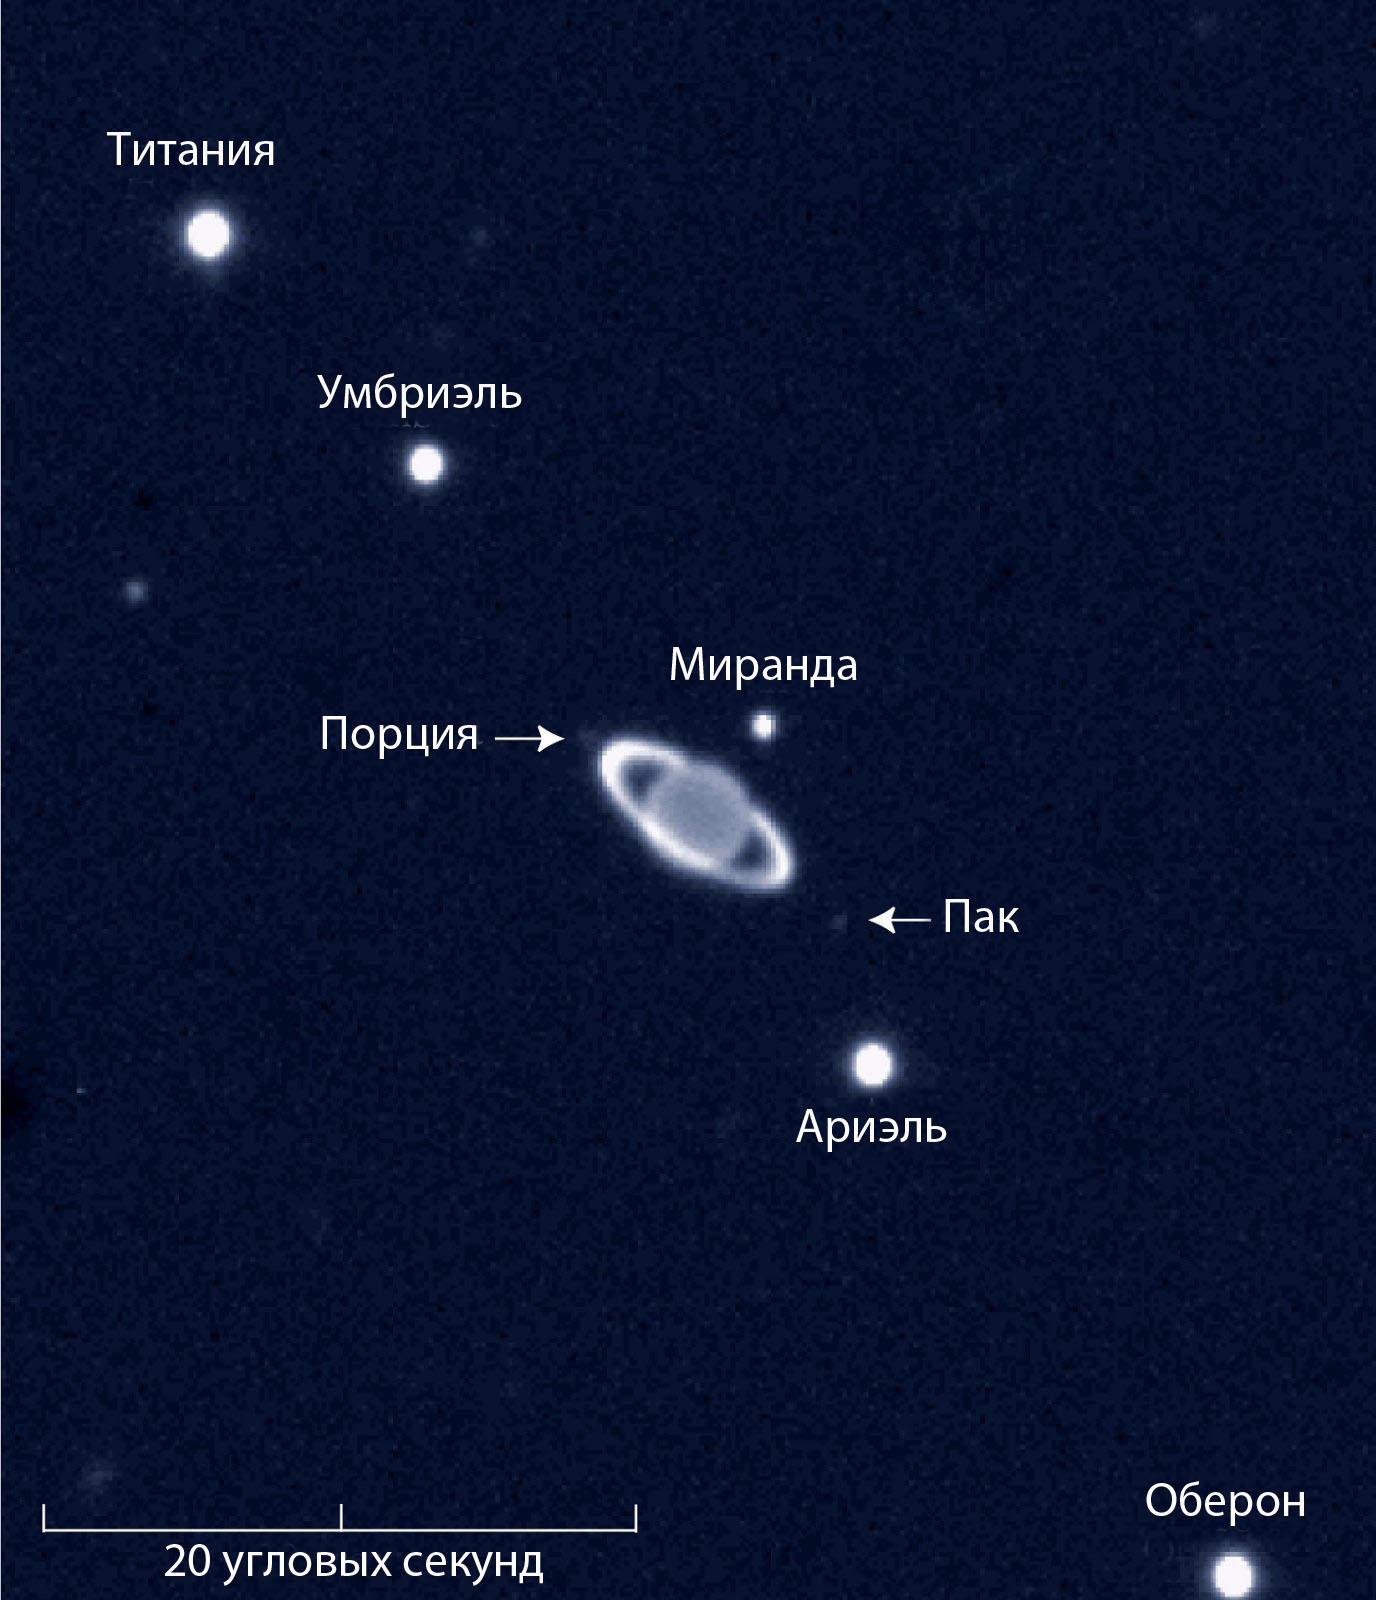 О спутниках Урана